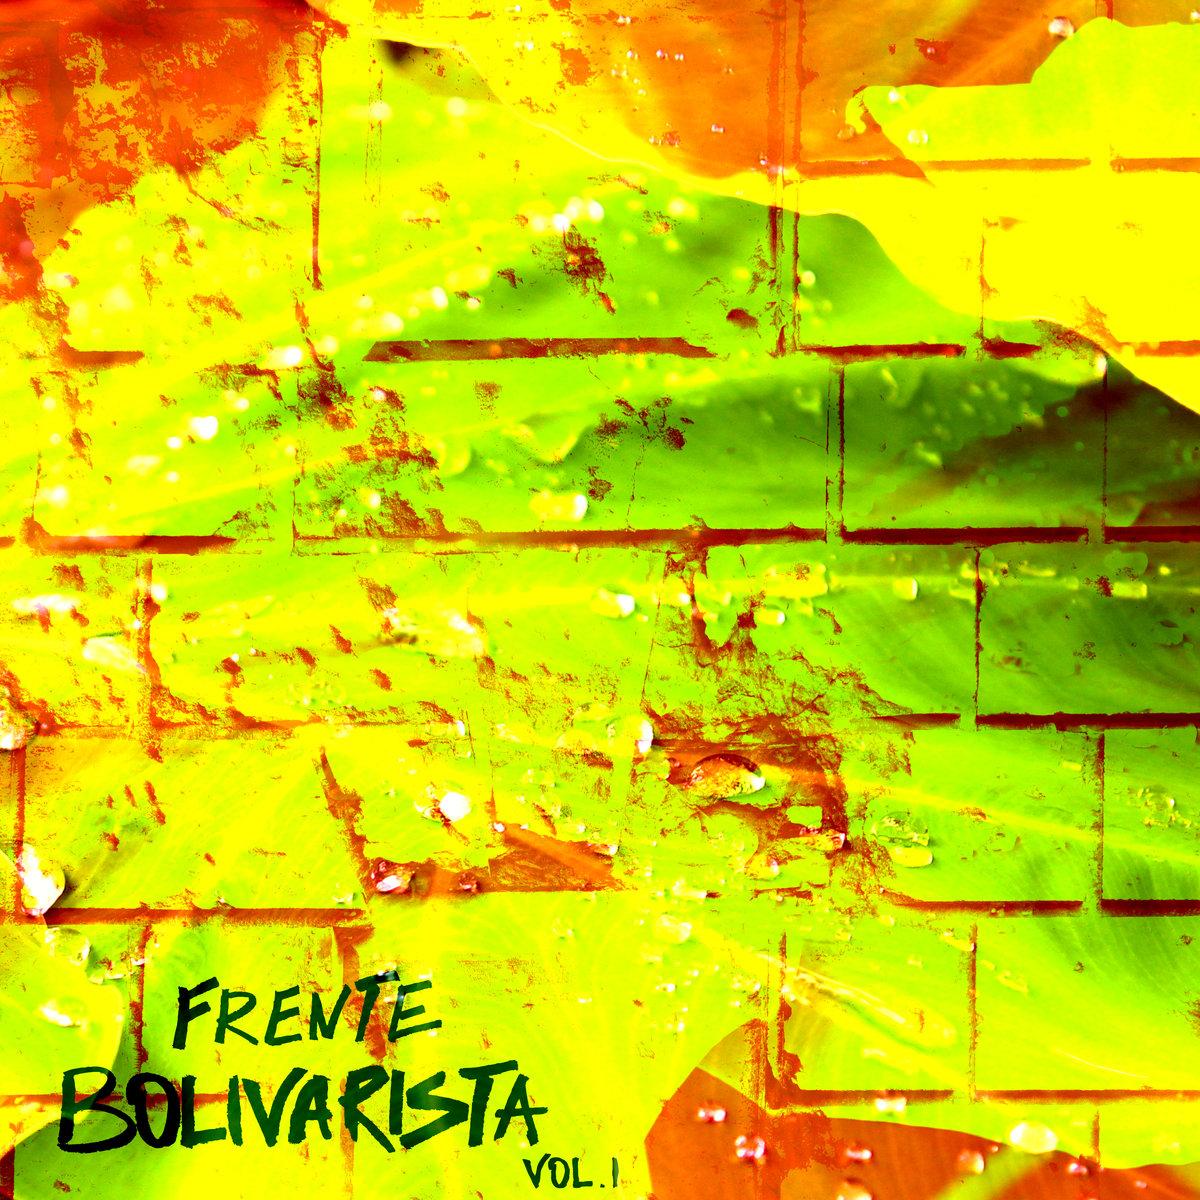 7. Frente Bolivarista - Vol. 1